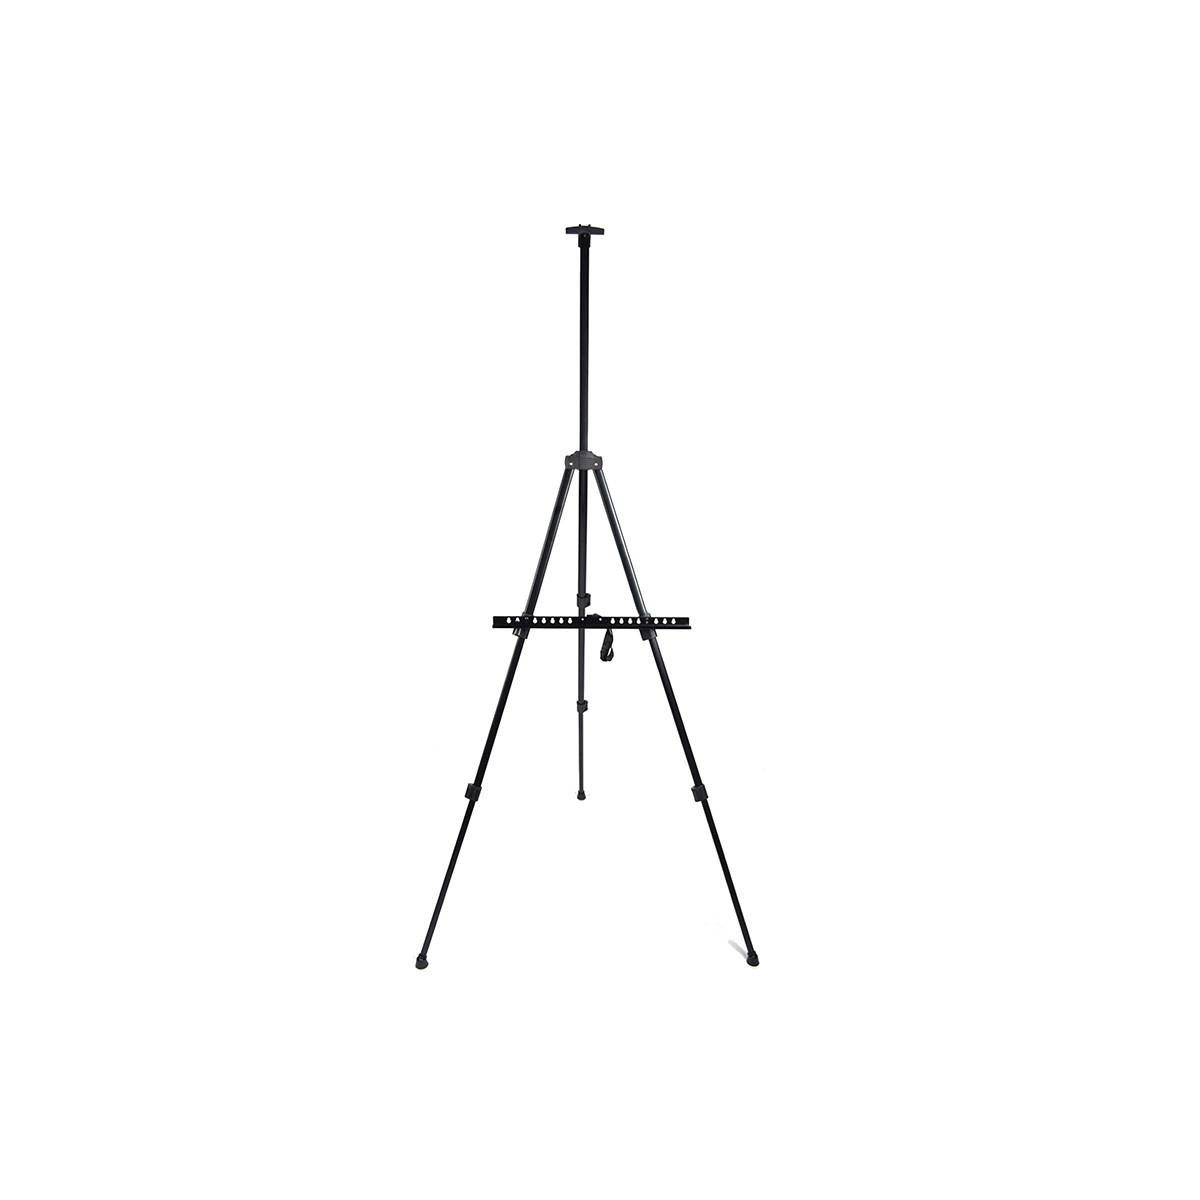 Stojak stelaż na tablice flipchart statyw 80 cm